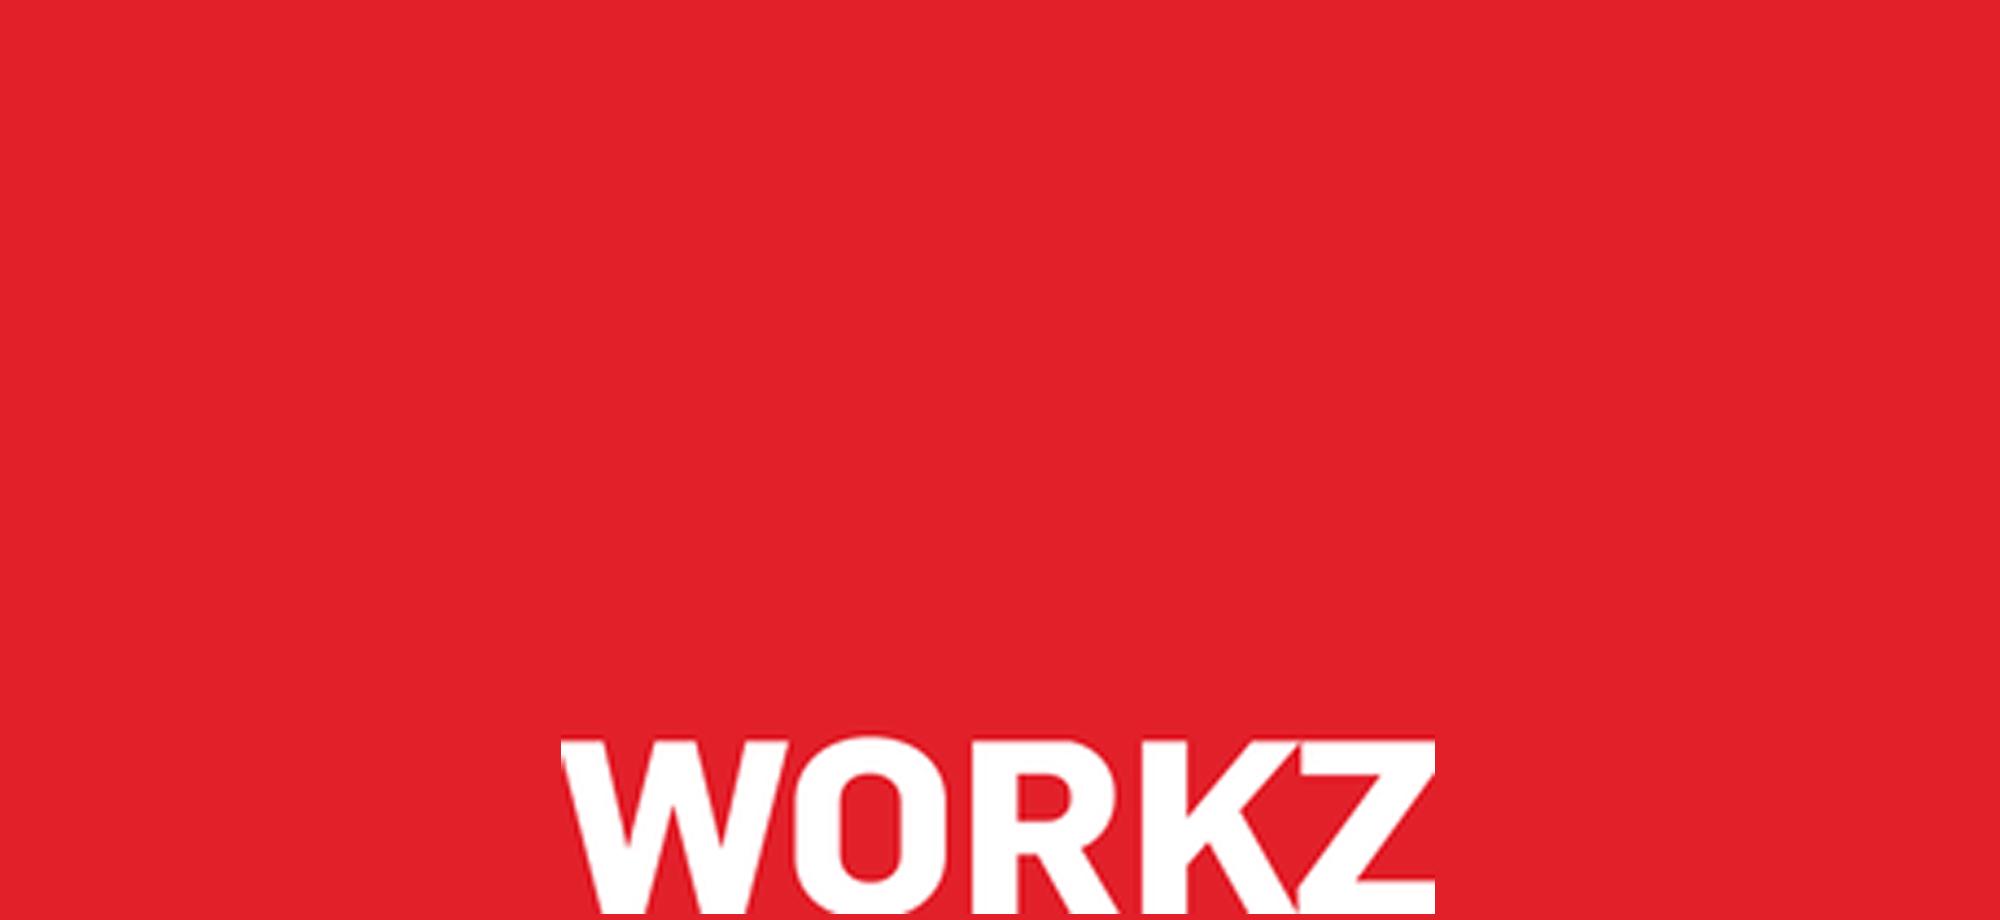 Workz